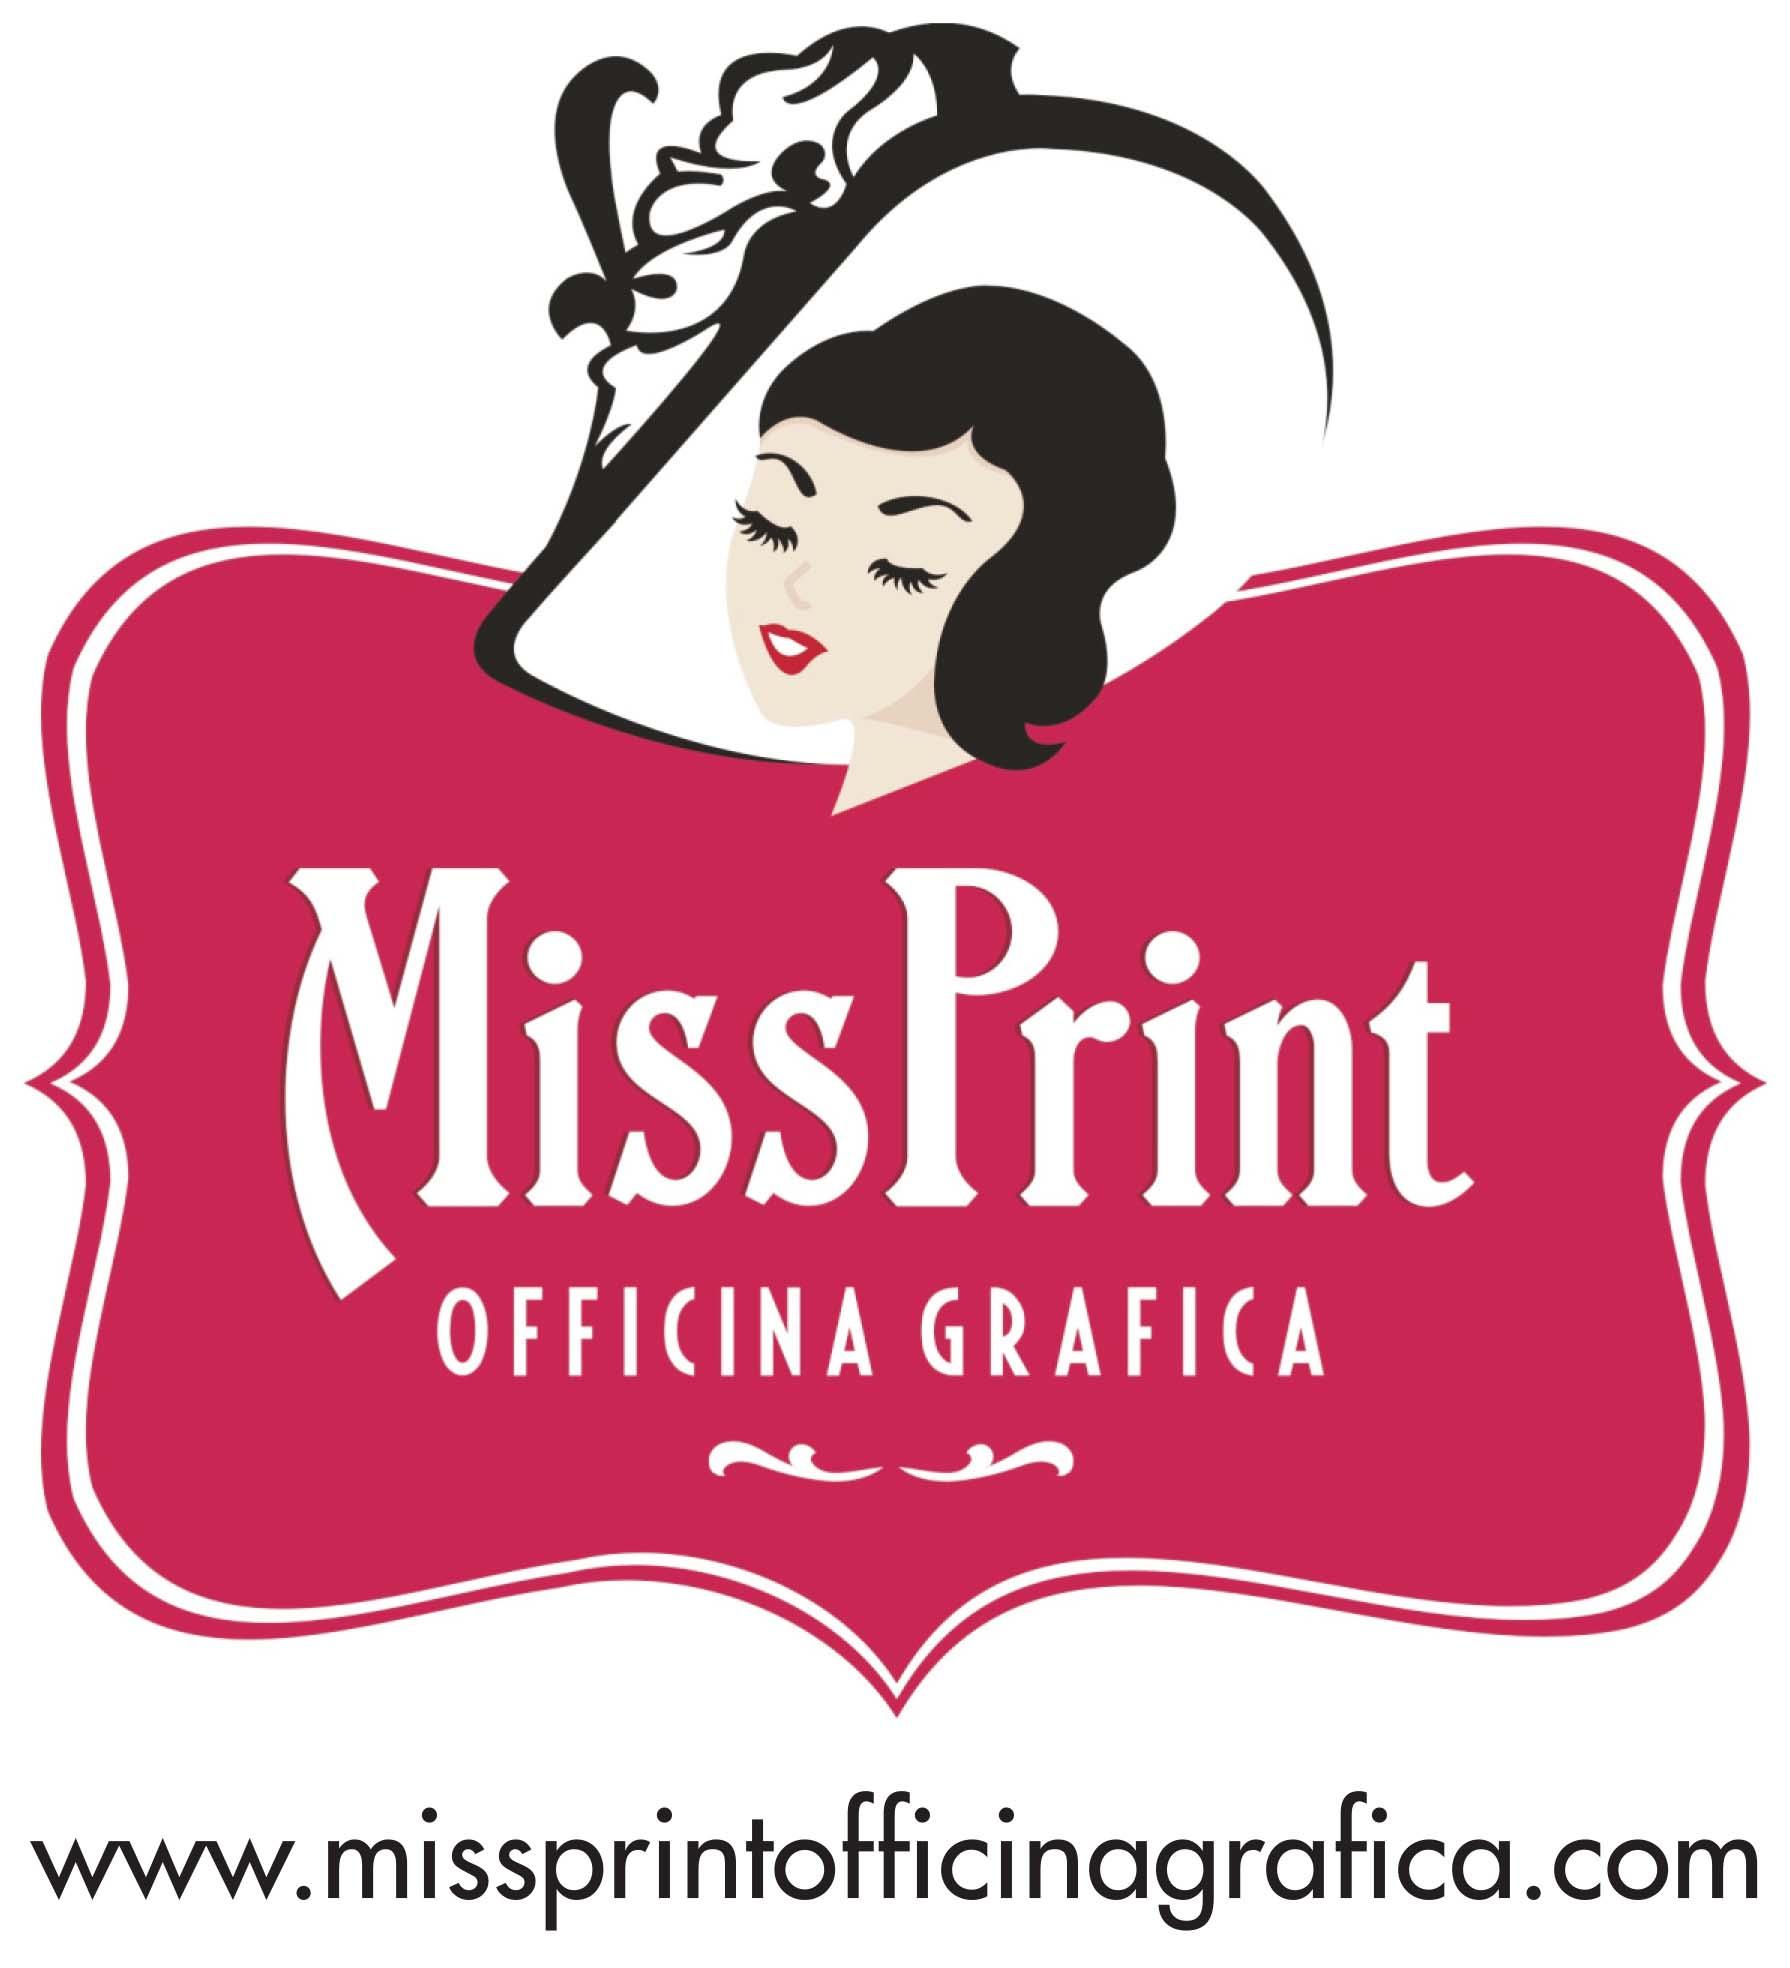 Miss Print